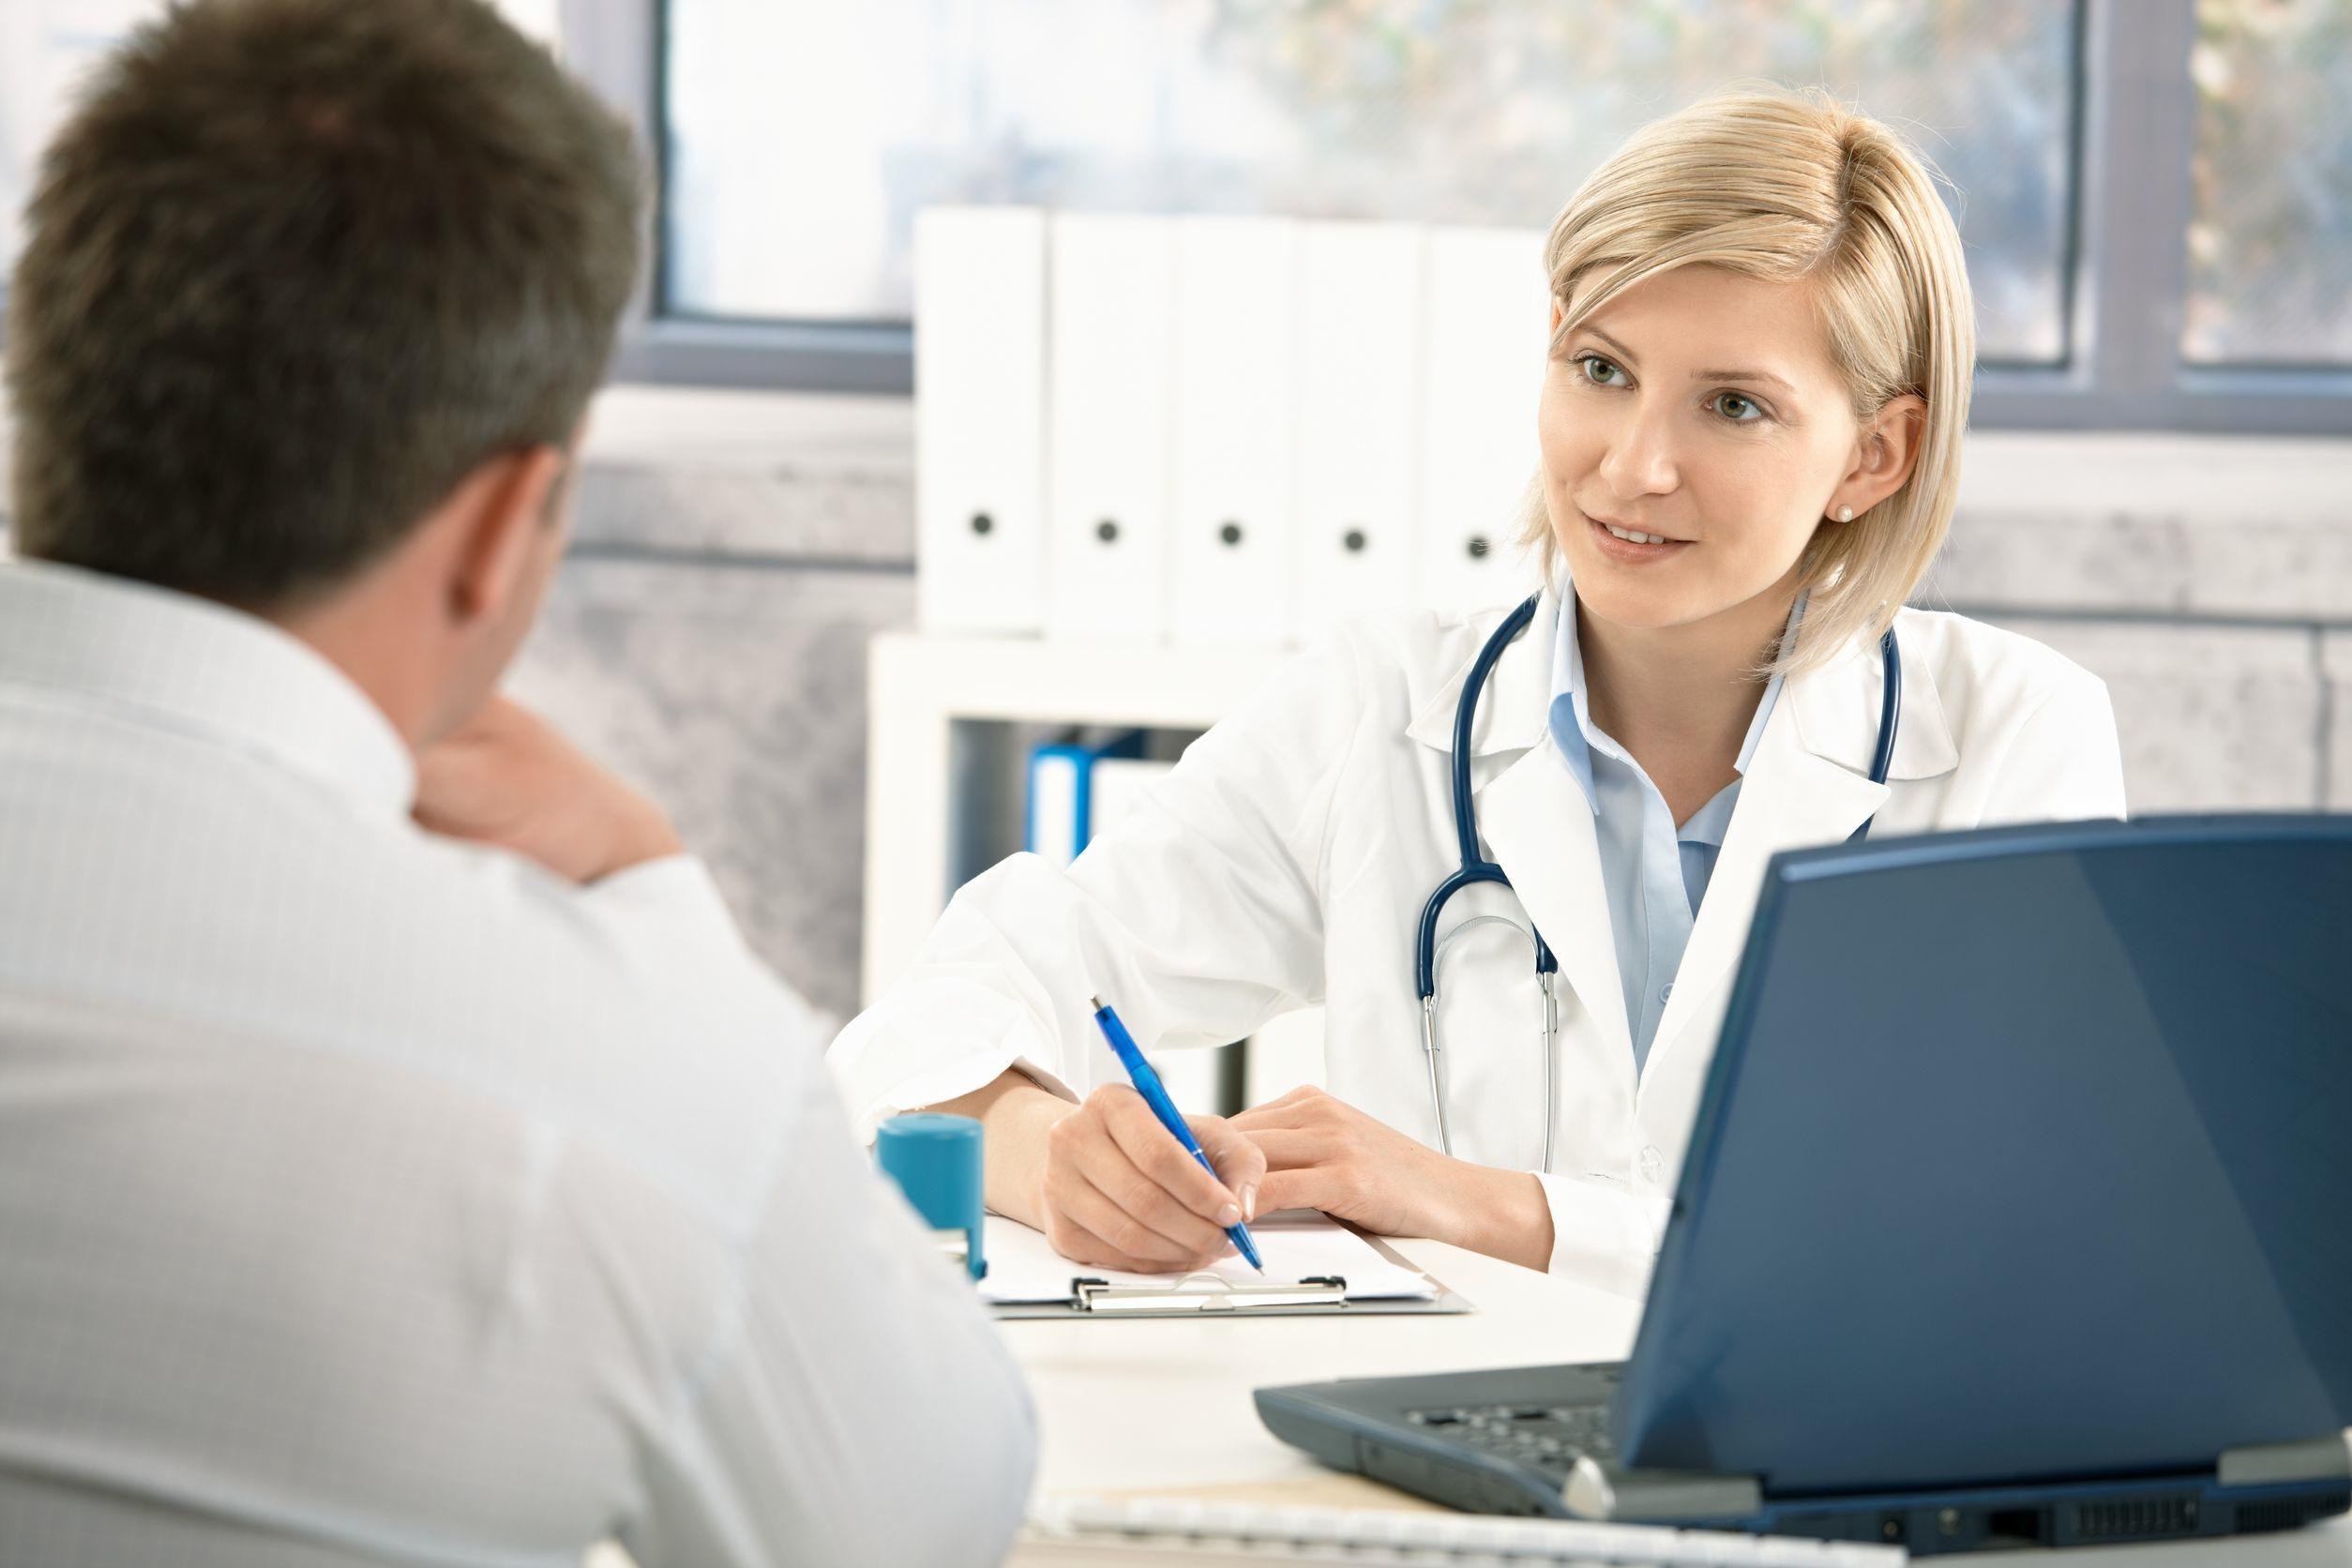 Геморрой у женщин и мужчин: стадии, симптомы и лечение